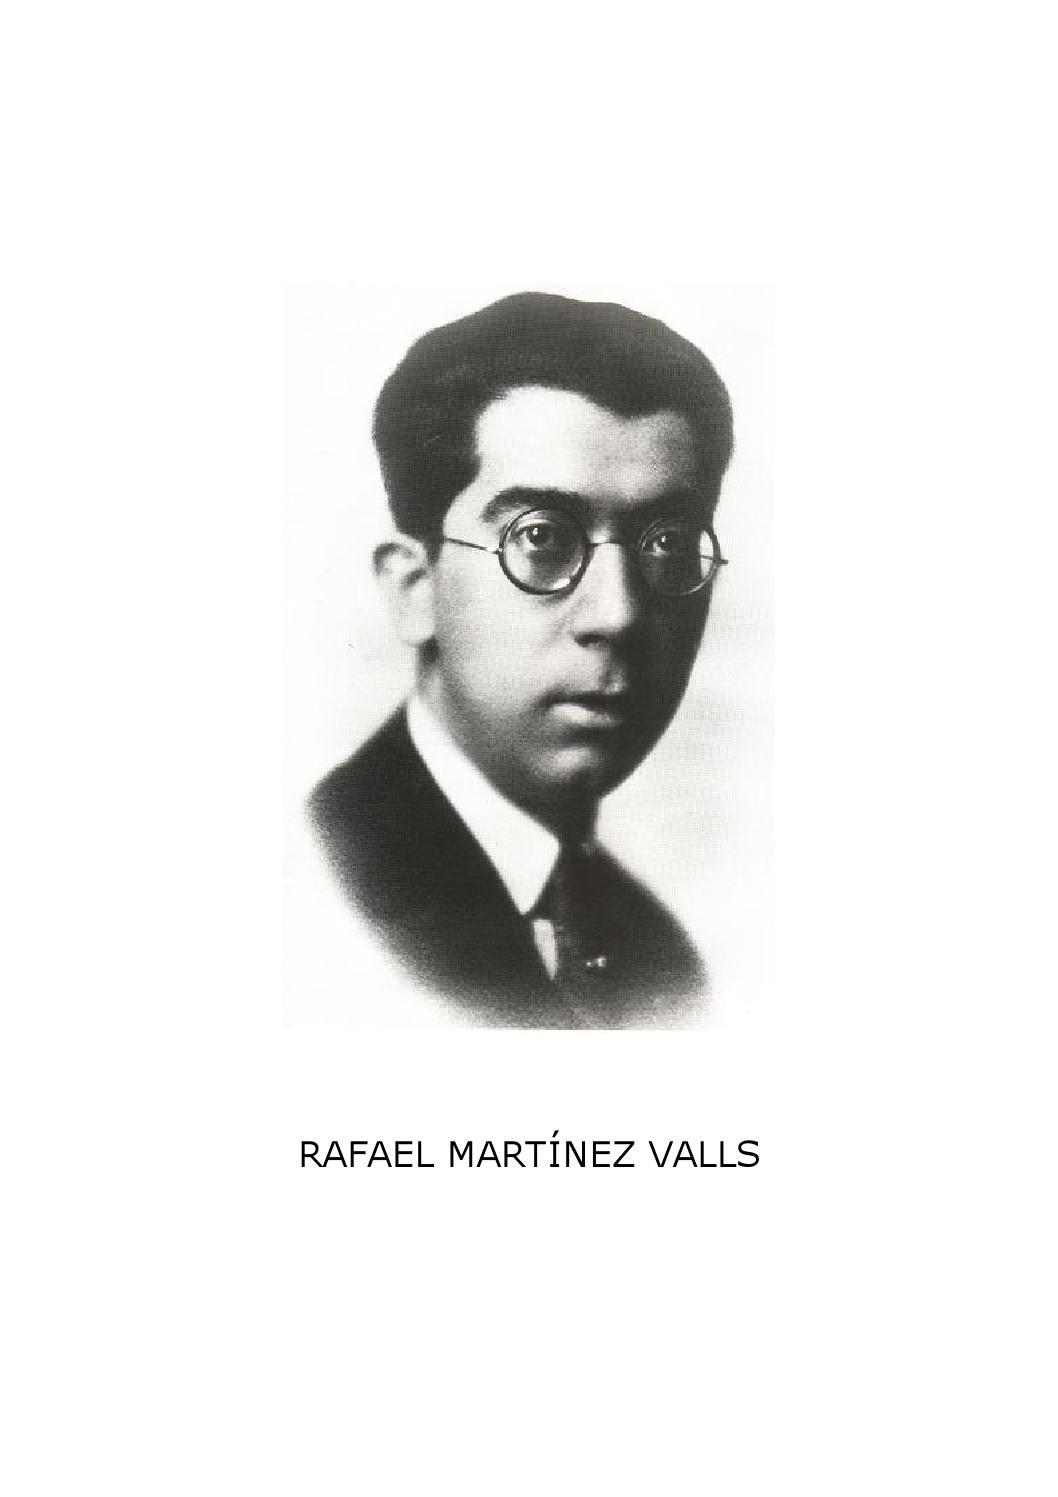 Rafael Martinez Valls (1868 - 1946)